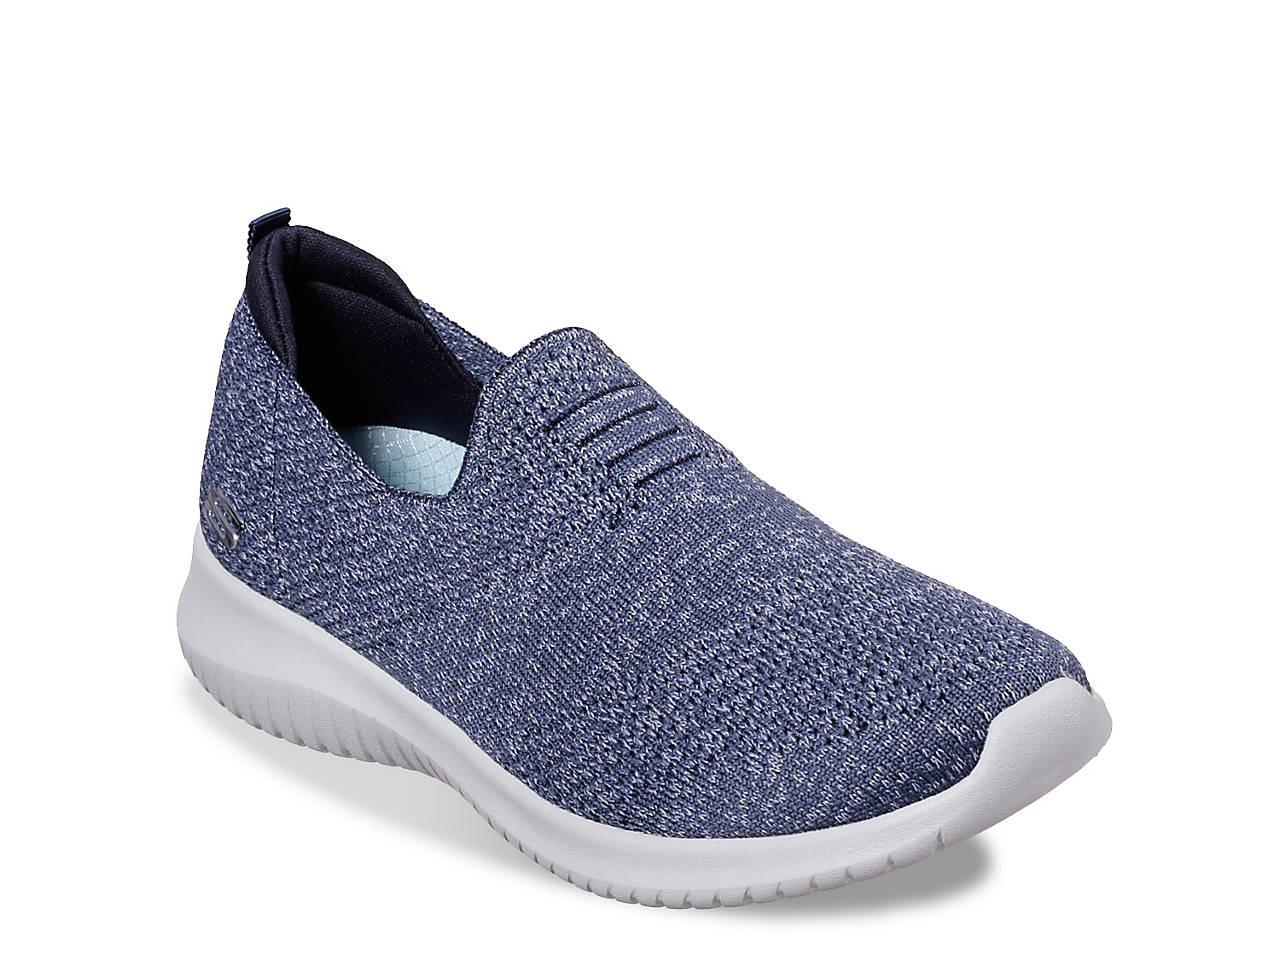 466778050513 Skechers Ultra Flex Harmonious Slip-On Sneaker - Women s Women s ...